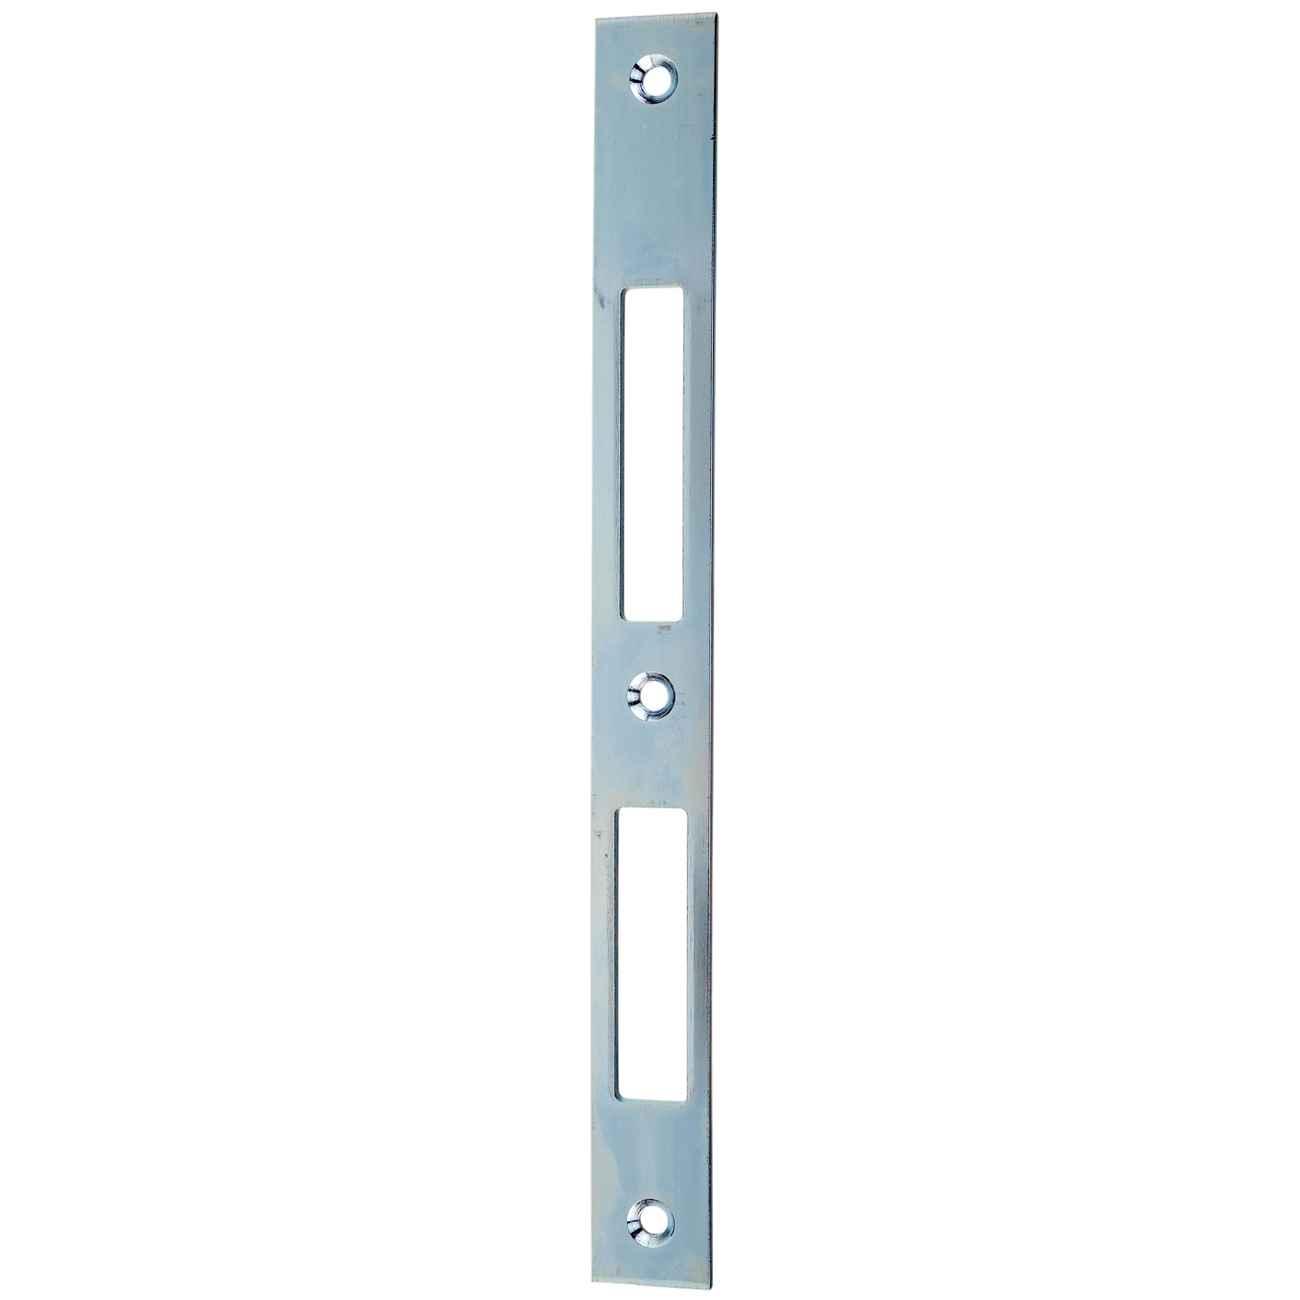 Schließblech für Rohrrahmenschlösser 24 x 245 mm verzinkt